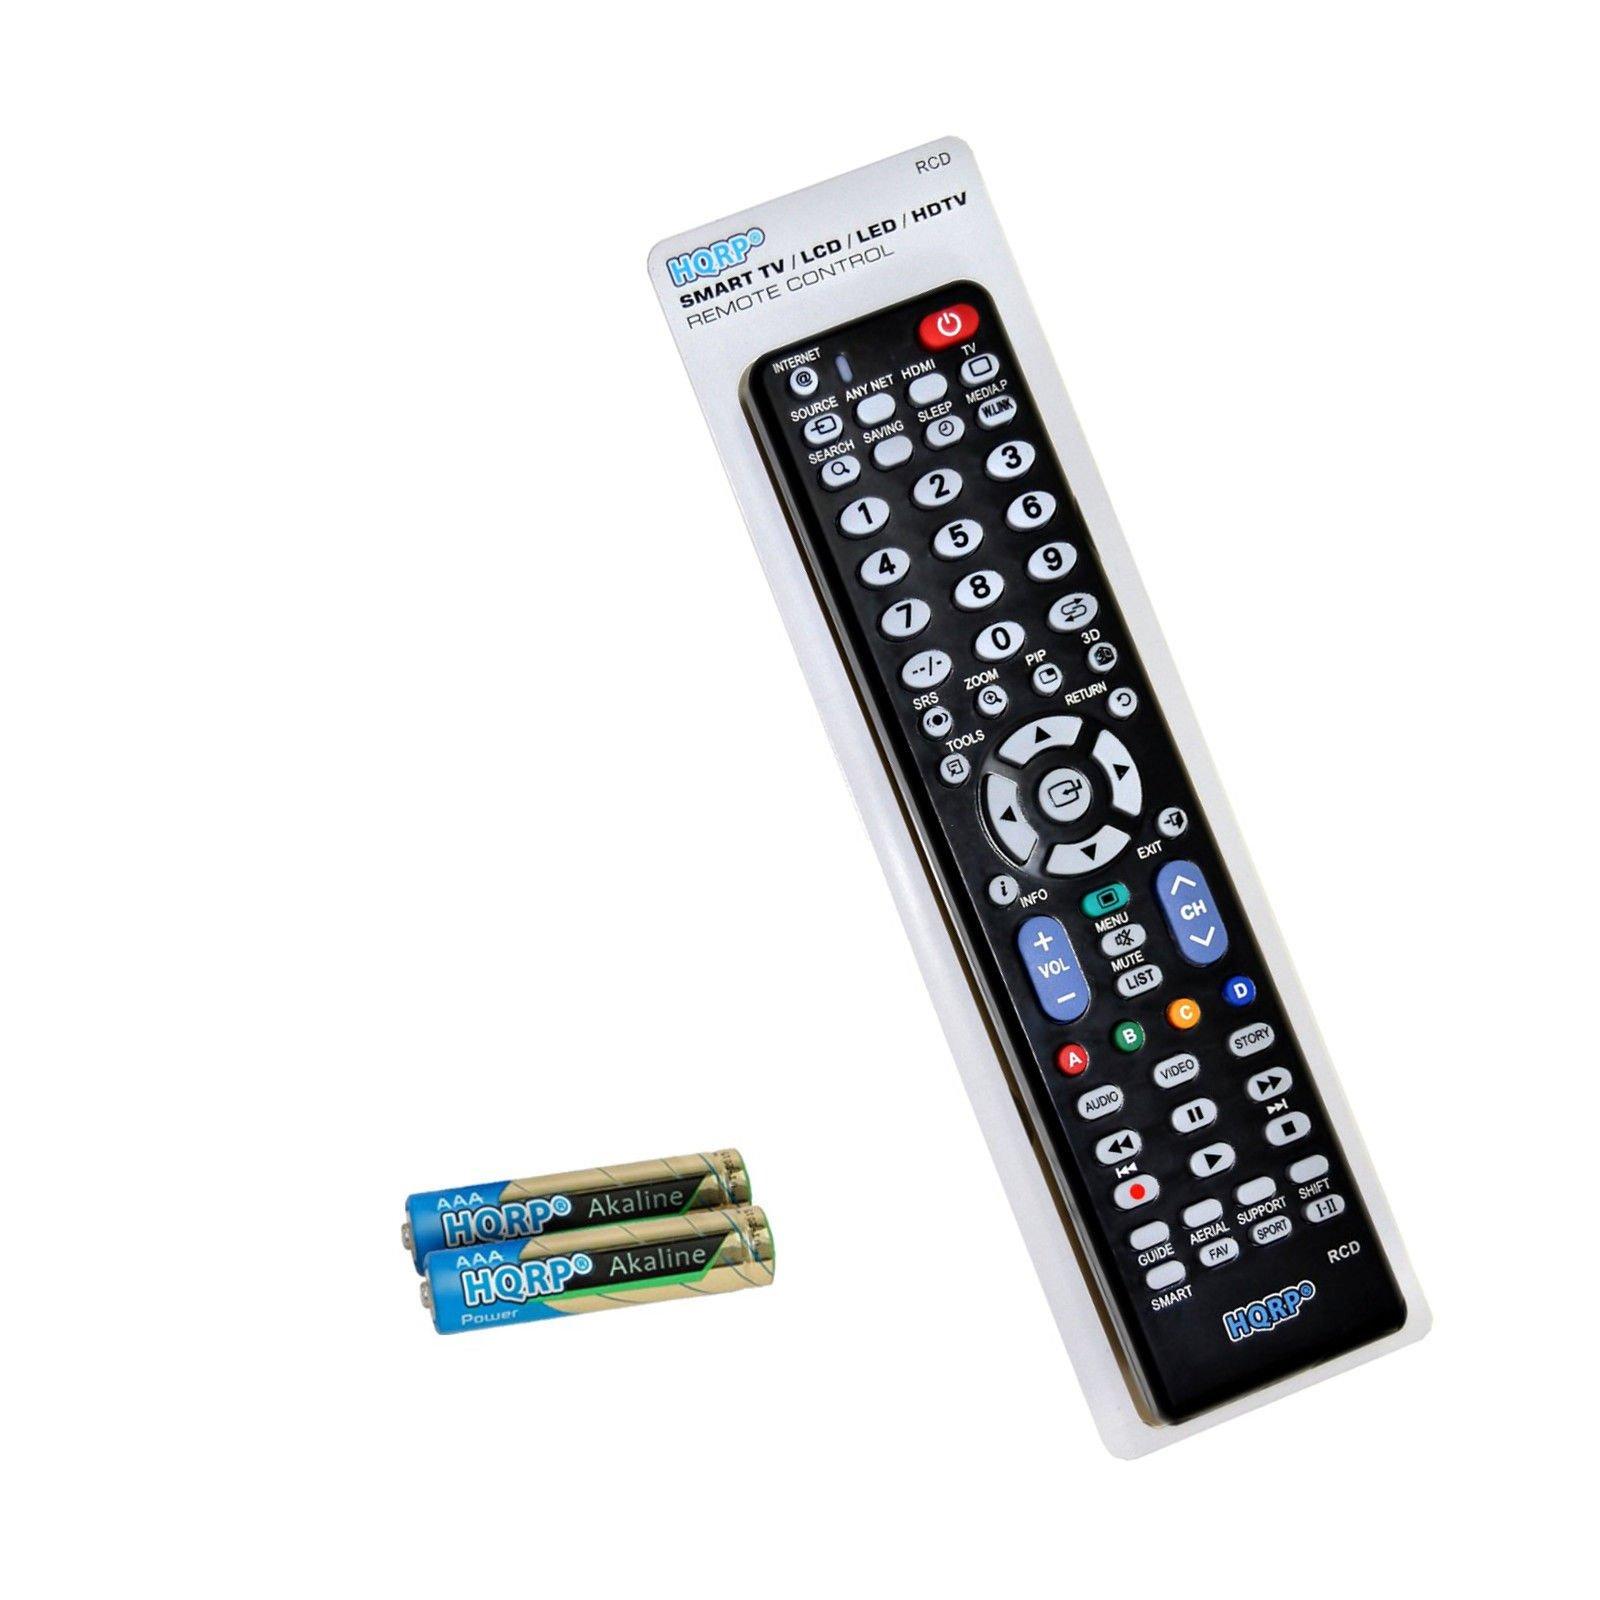 HQRP Mando a Distancia para televisores LED de Samsung JS8500; UE48JS8500T, UE55JS8500T, UE65JS8500T Curvo SUHD Smart TV: Amazon.es: Electrónica